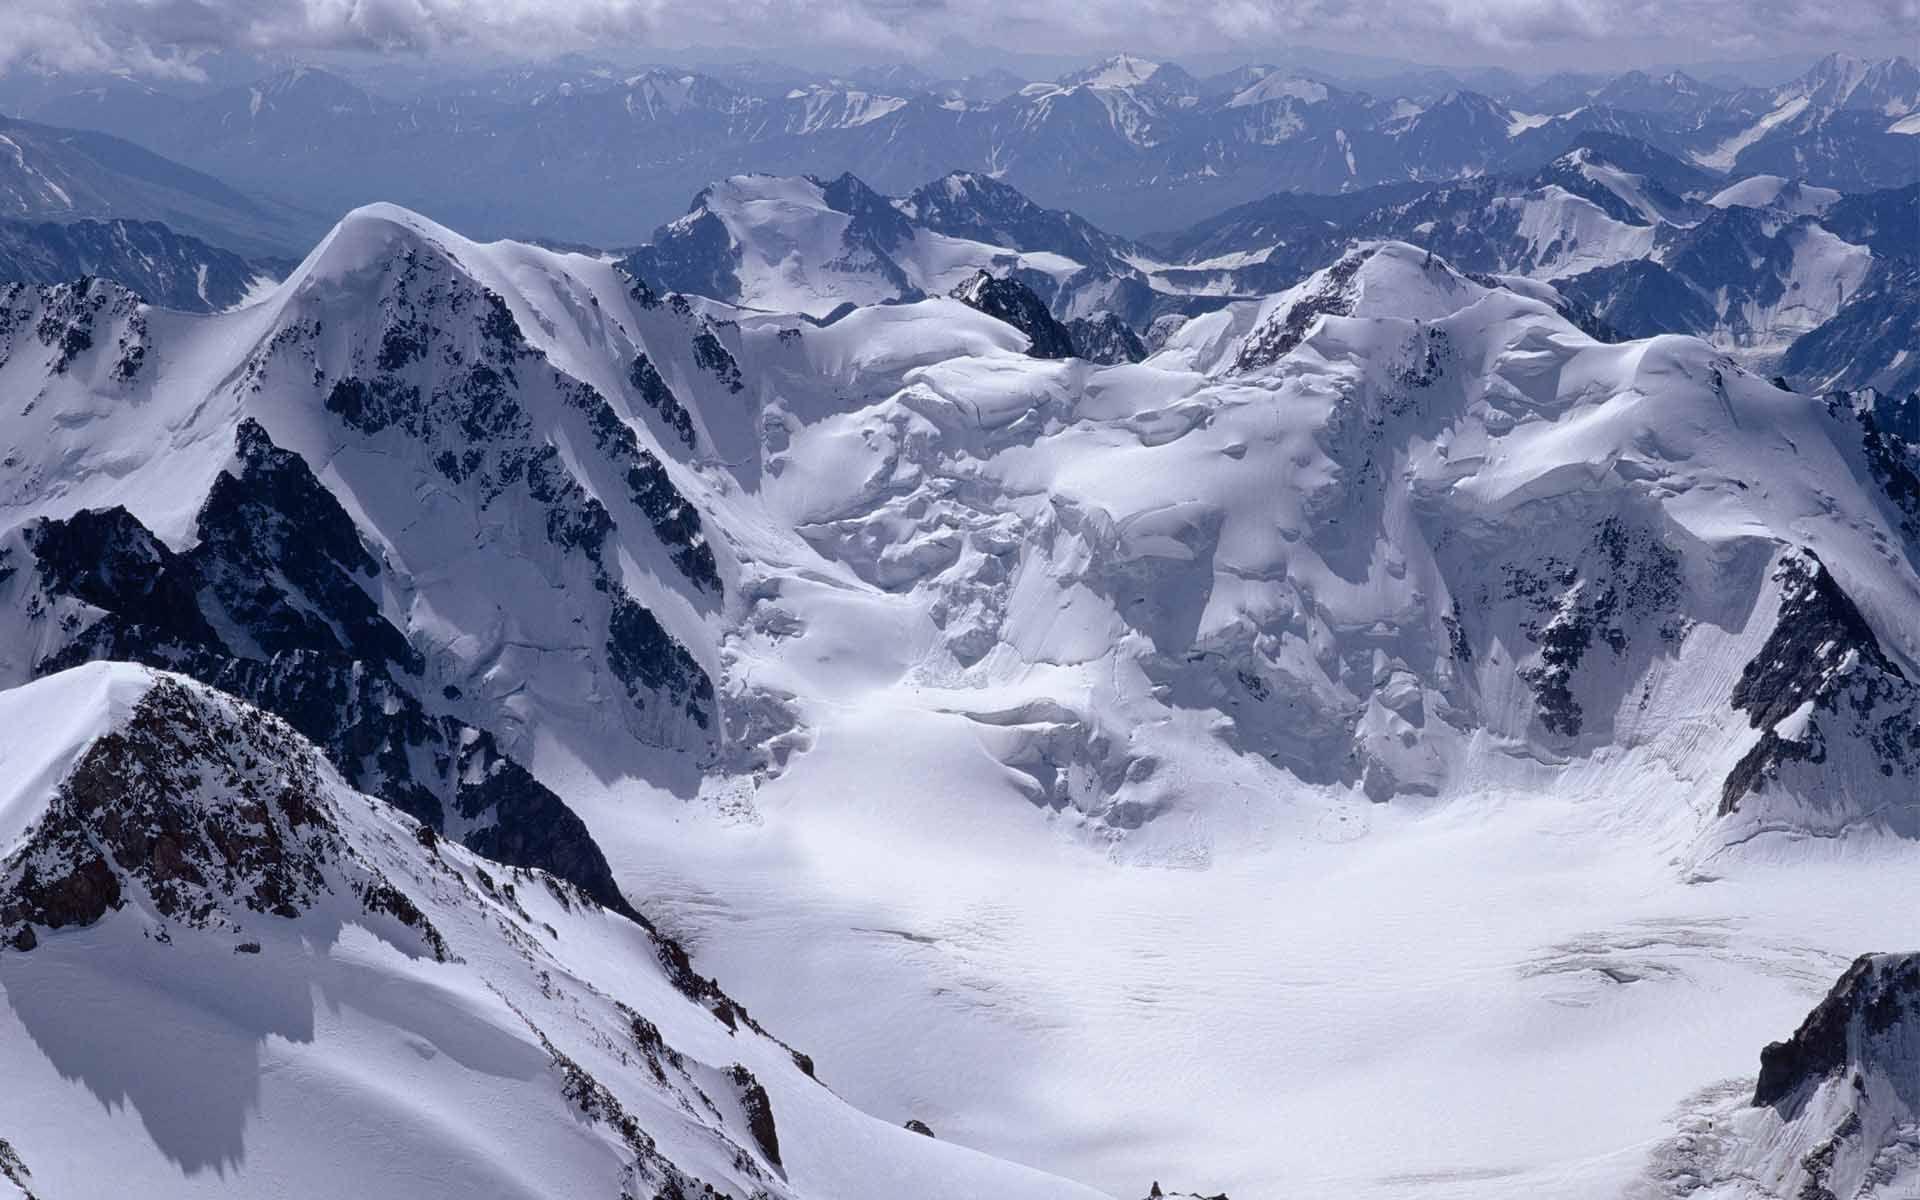 Mountains of snow photo